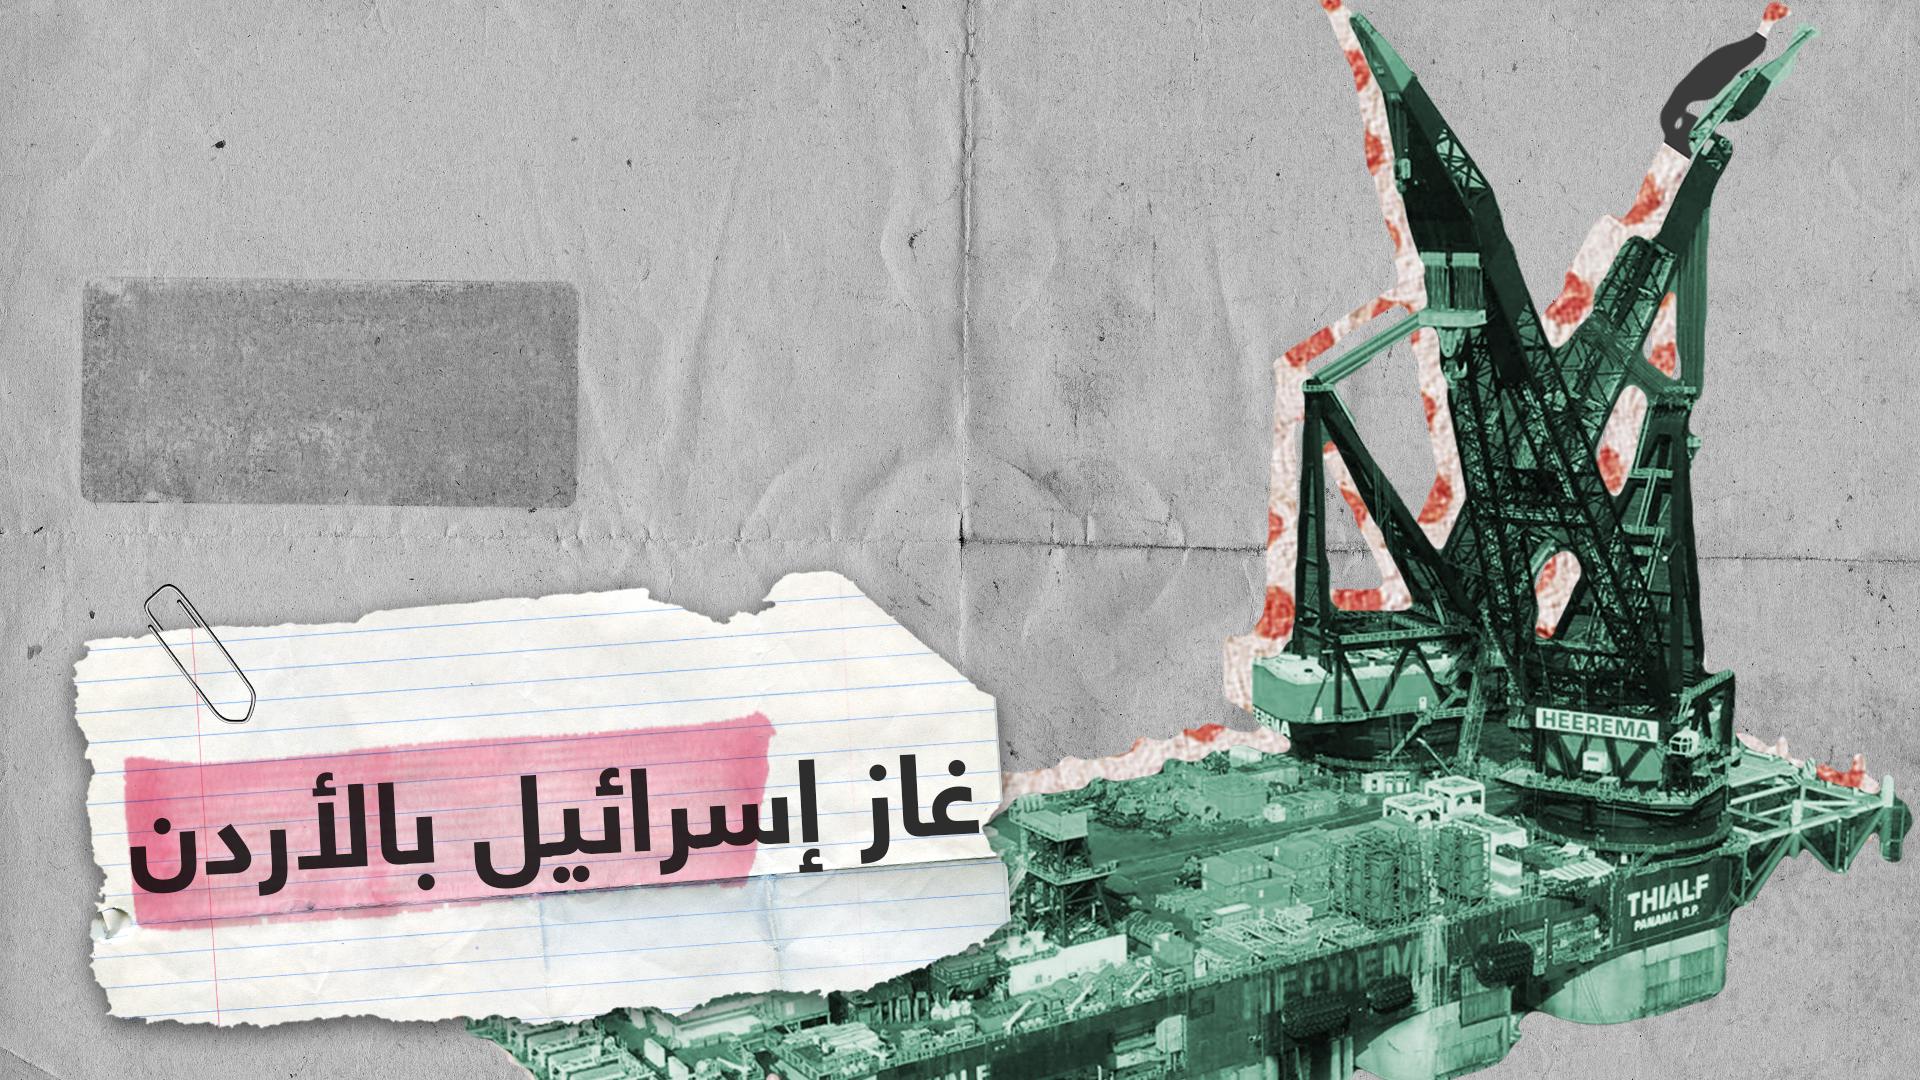 نائب أردني يدعو لتفجير أنبوب الغاز الإسرائيلي